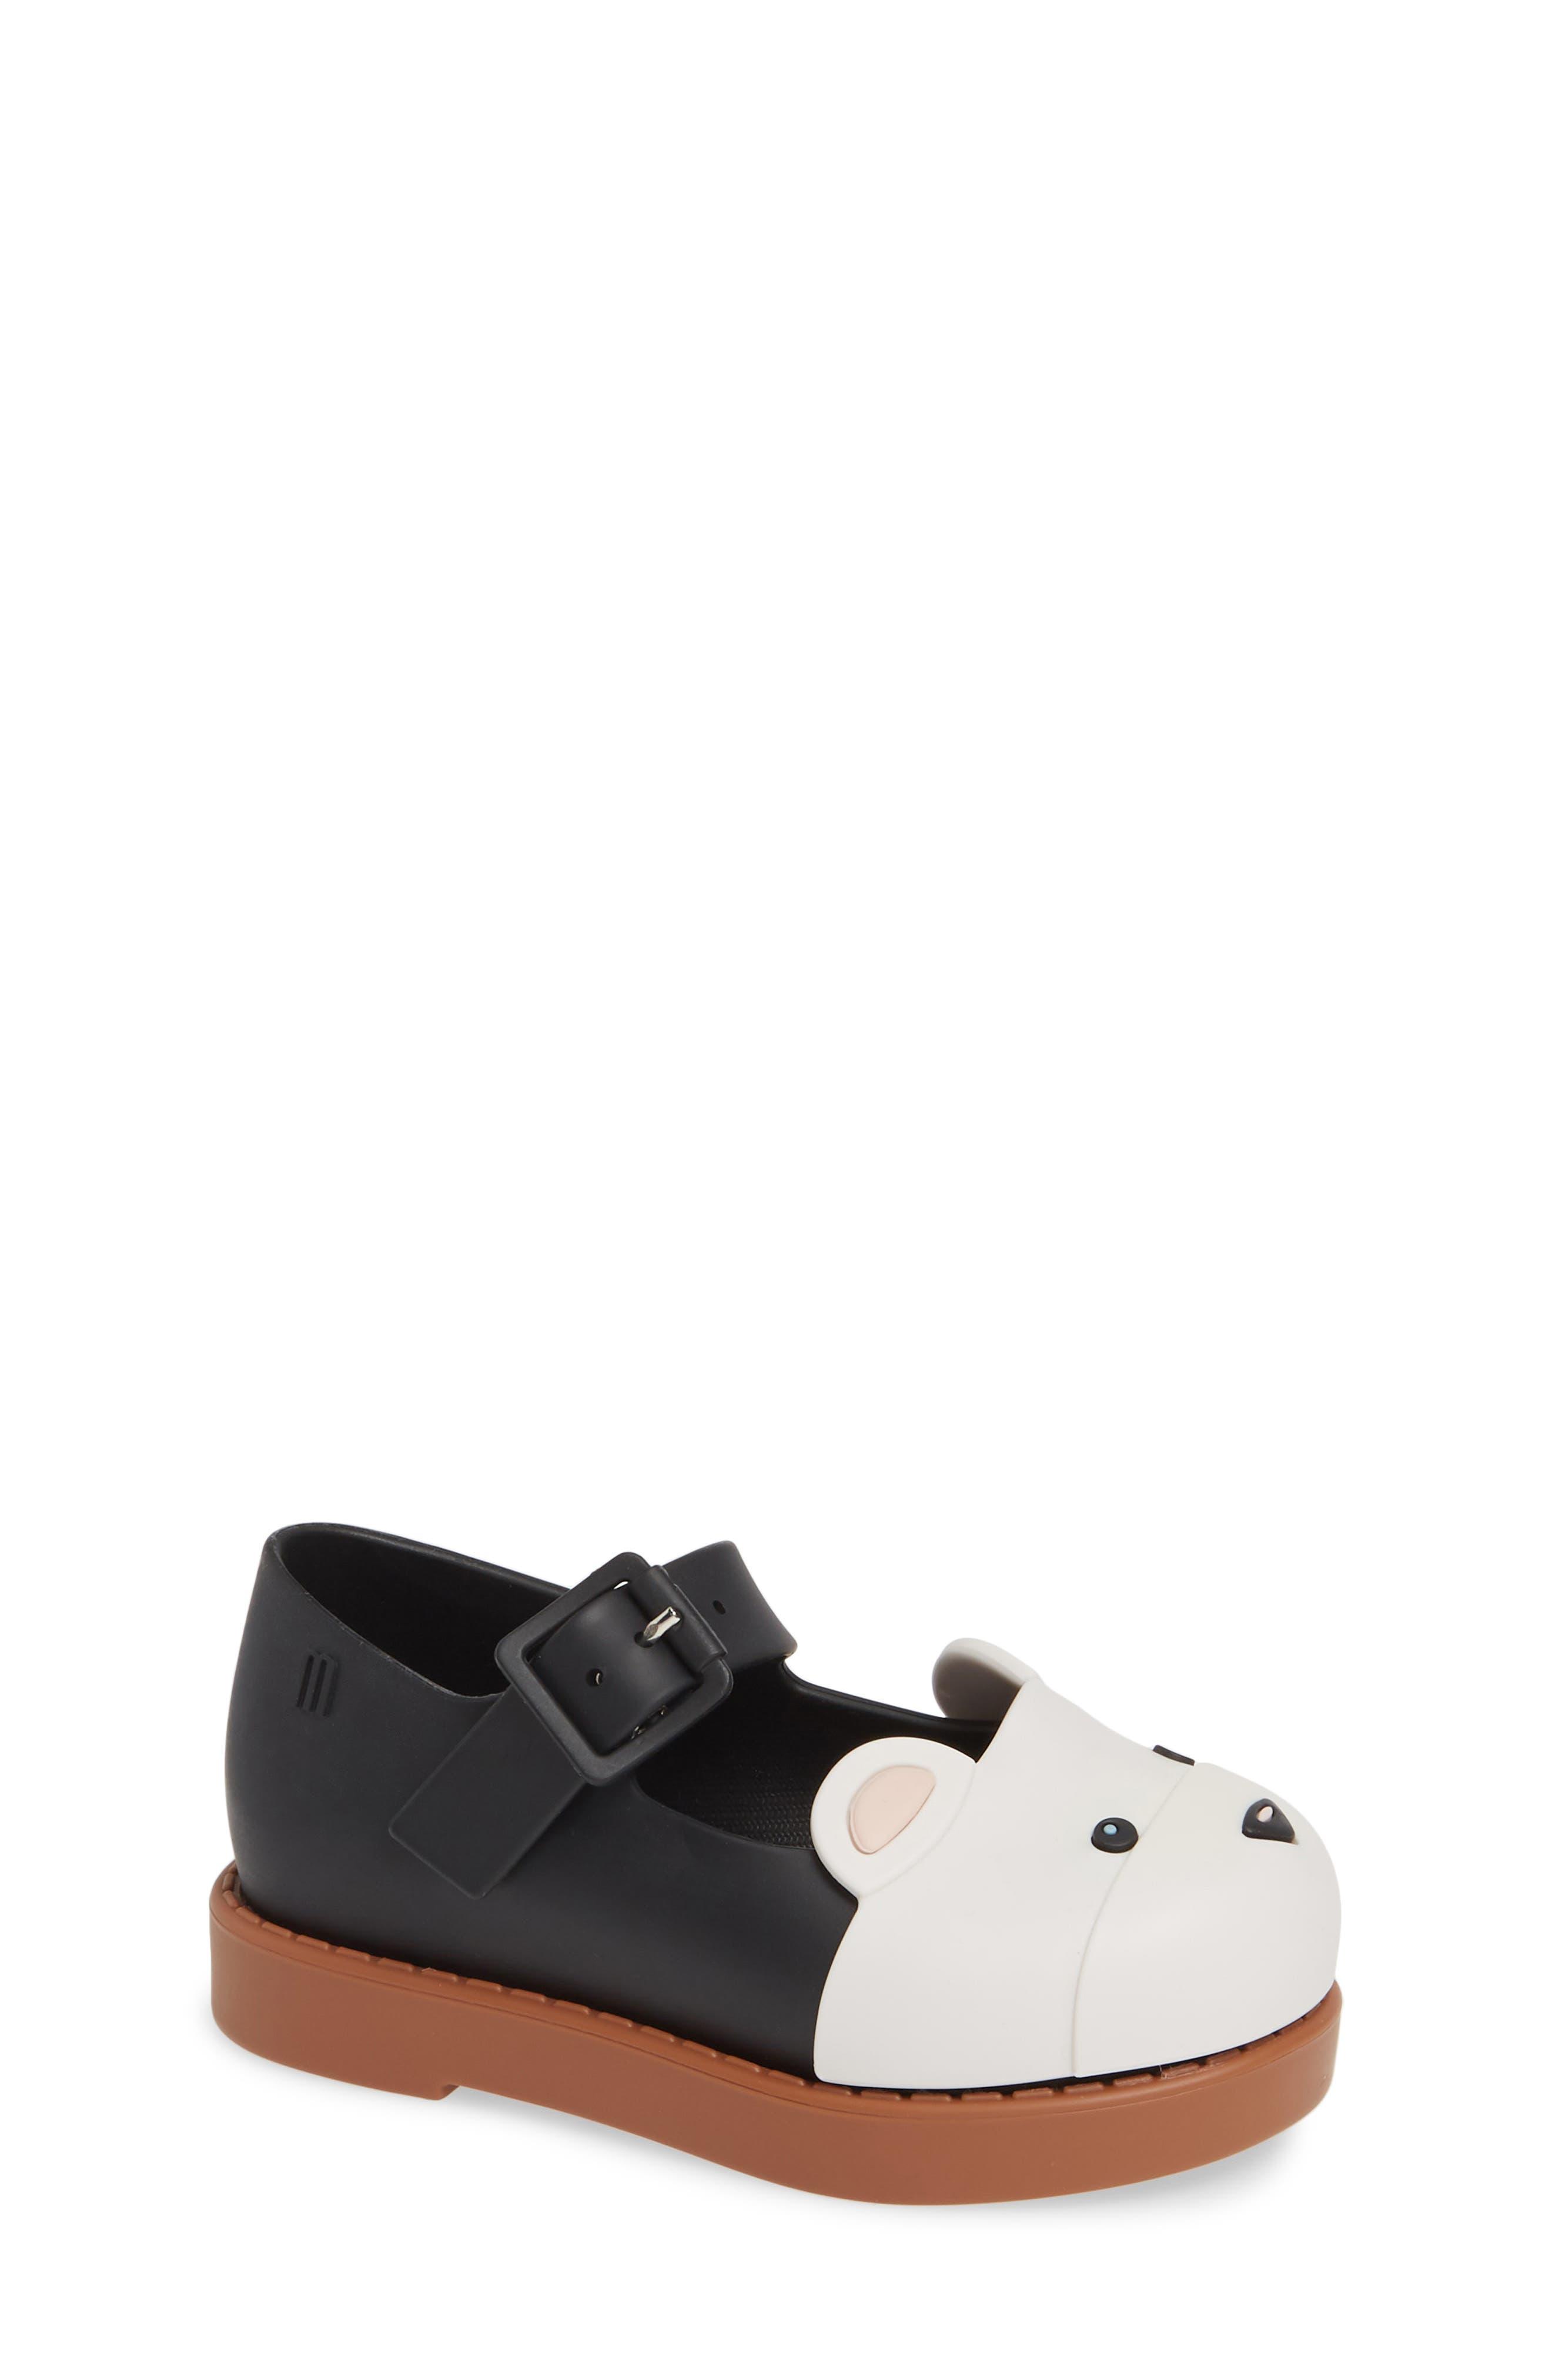 f1604b1256b Mini Melissa Kids  Shoes